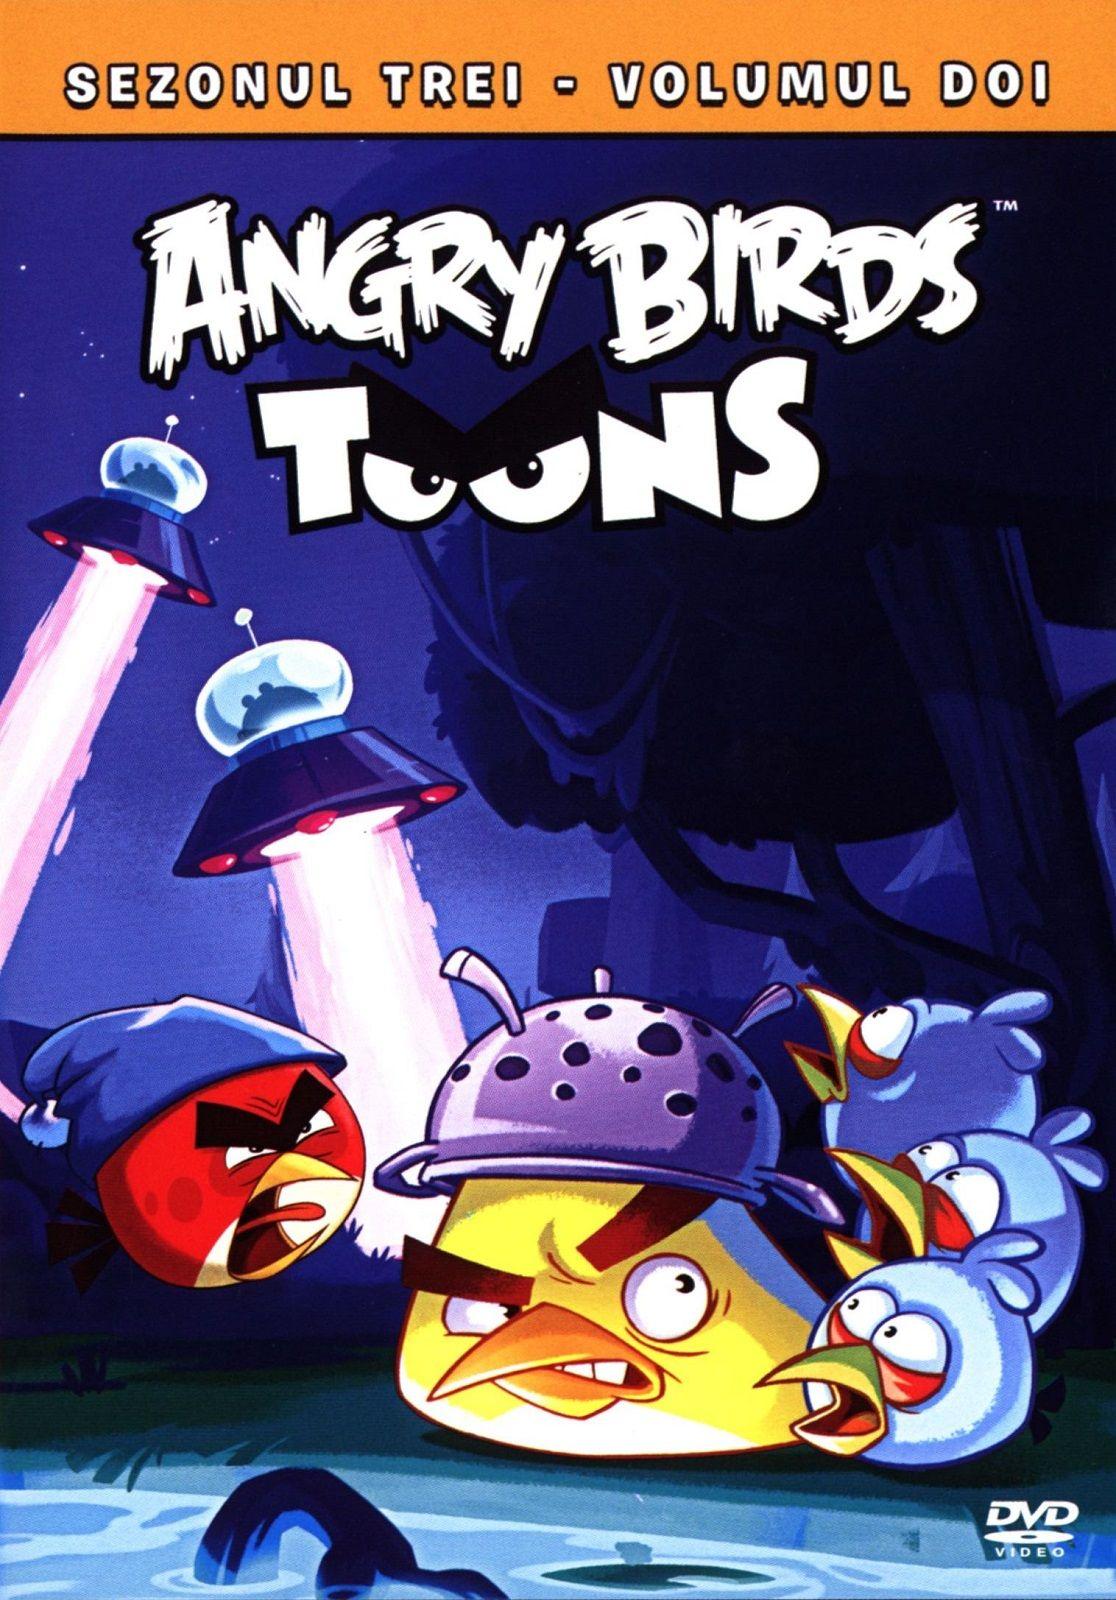 Angry Birds Toons - Сезон 3 - част 2 (DVD) - 1